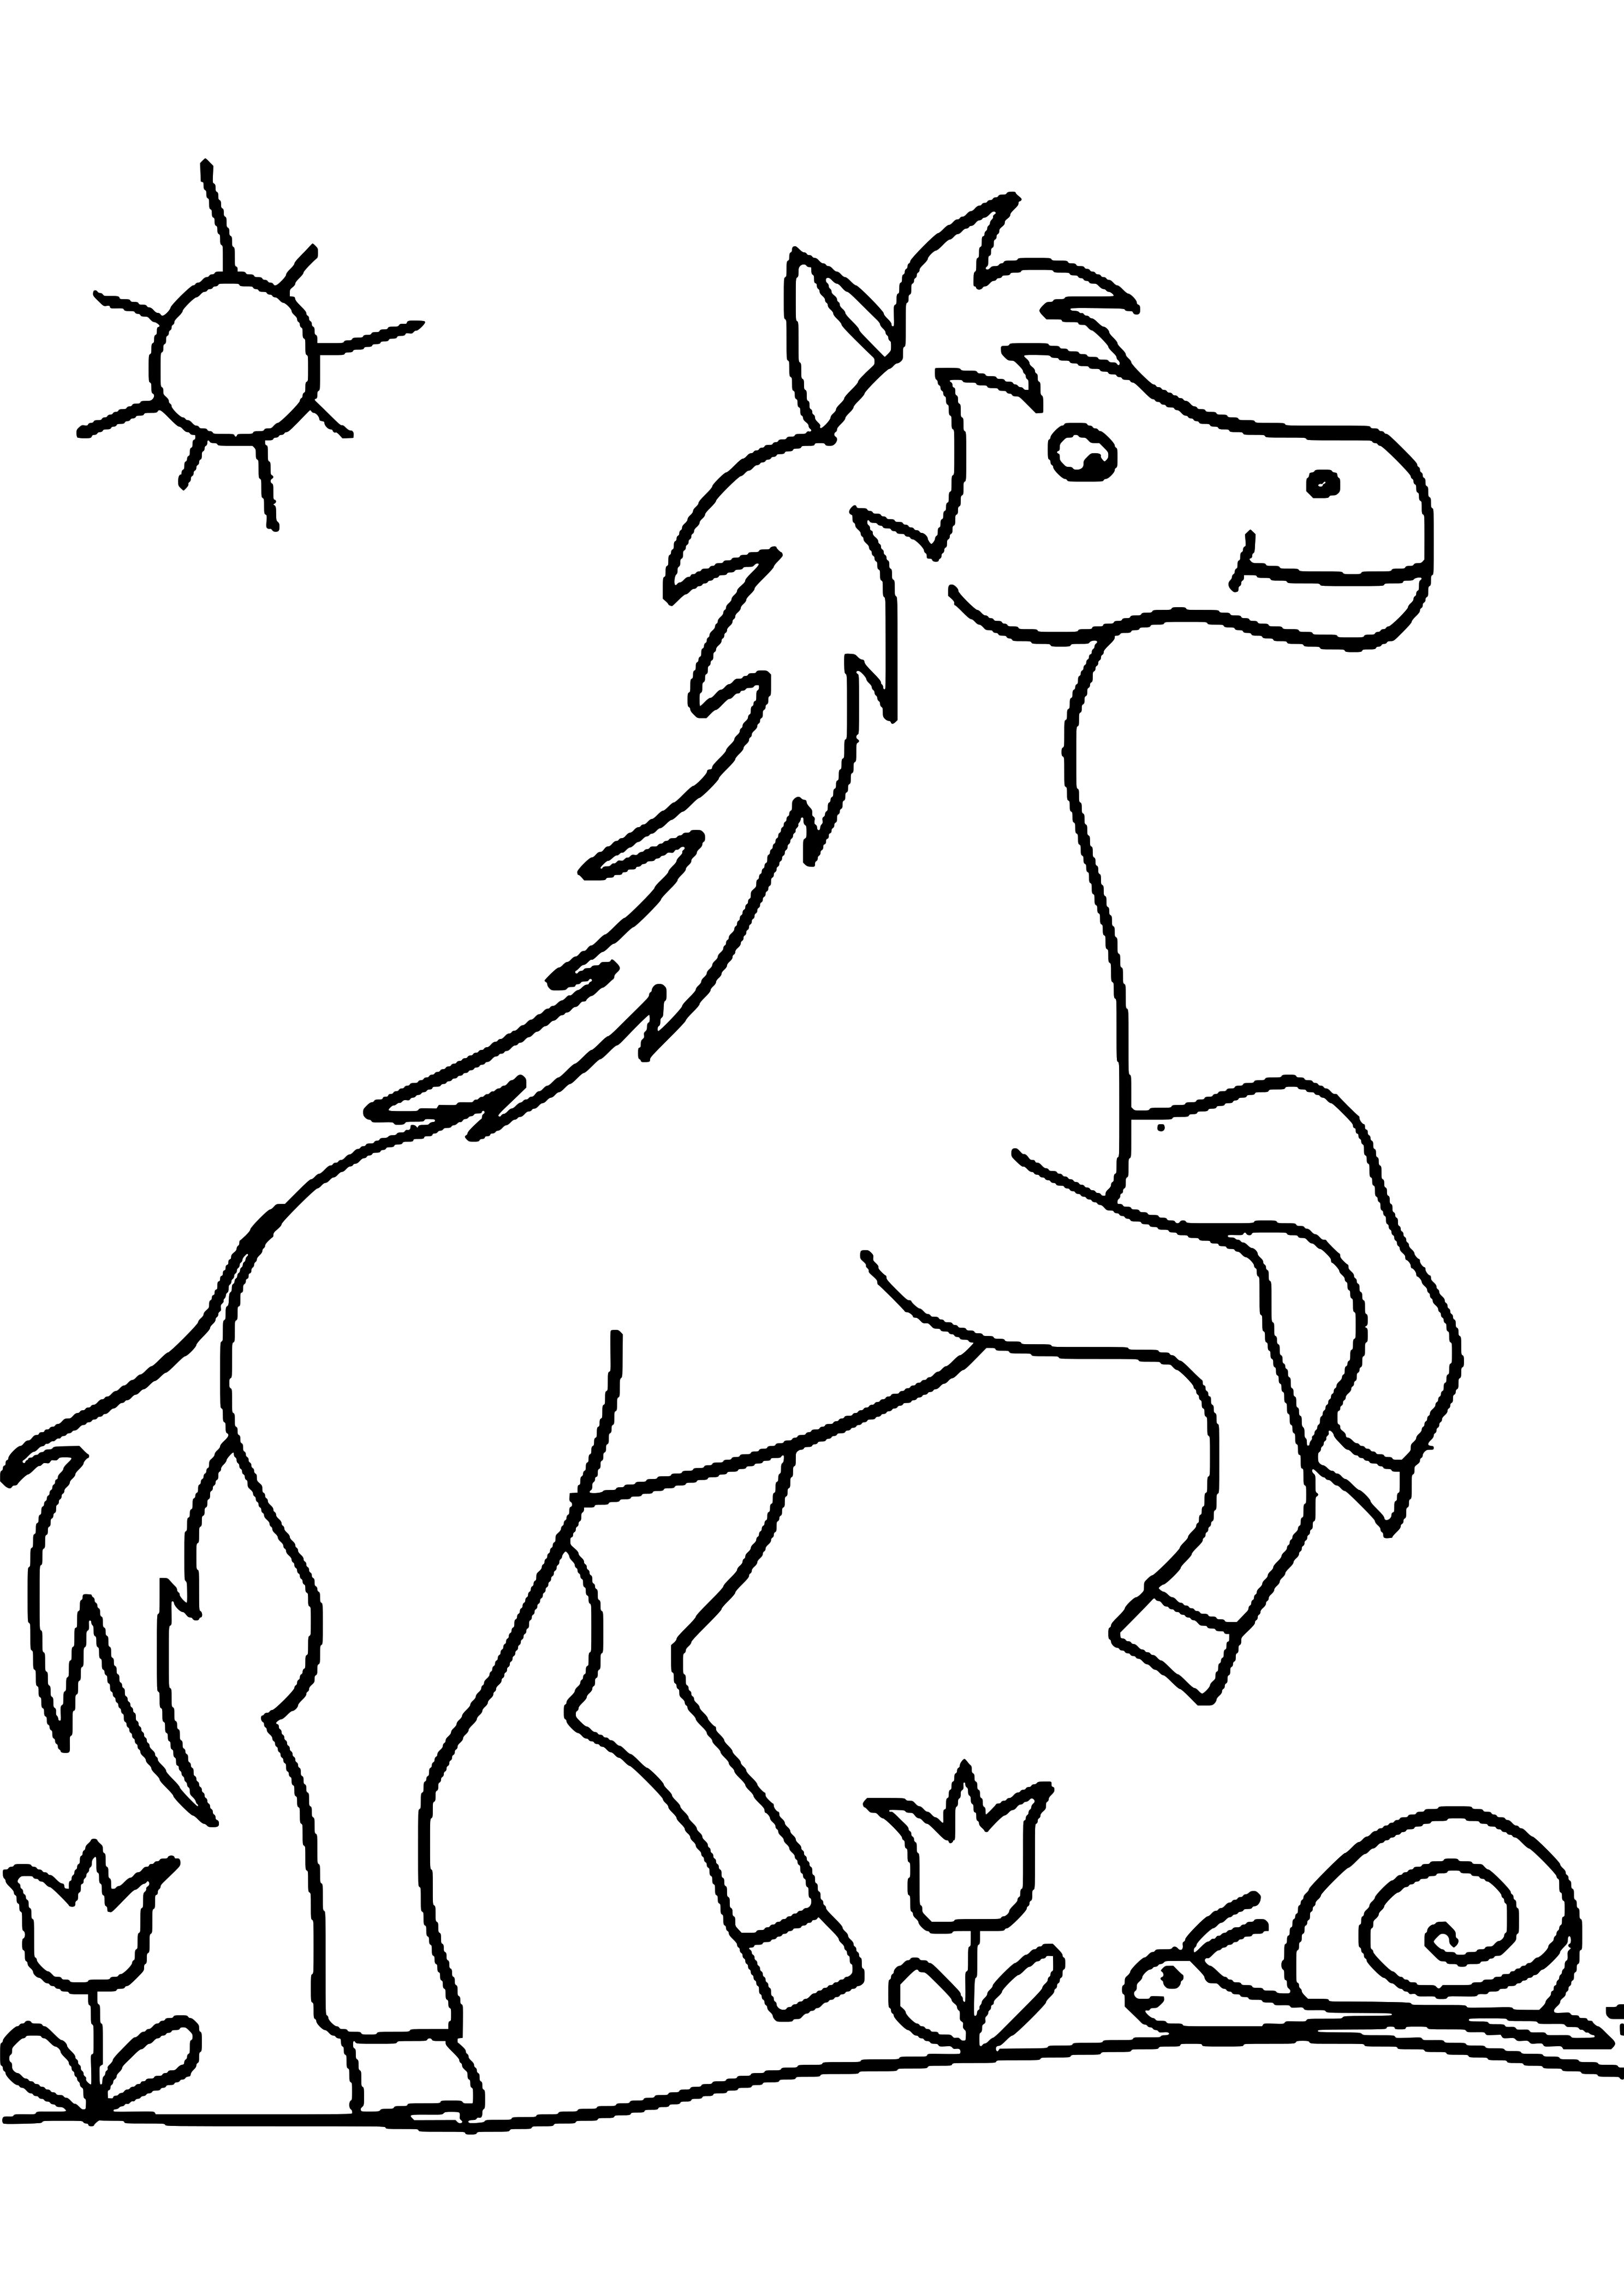 Ausmalbilder Pferde Im Schnee Basteln Pinterest Ausmalbilder